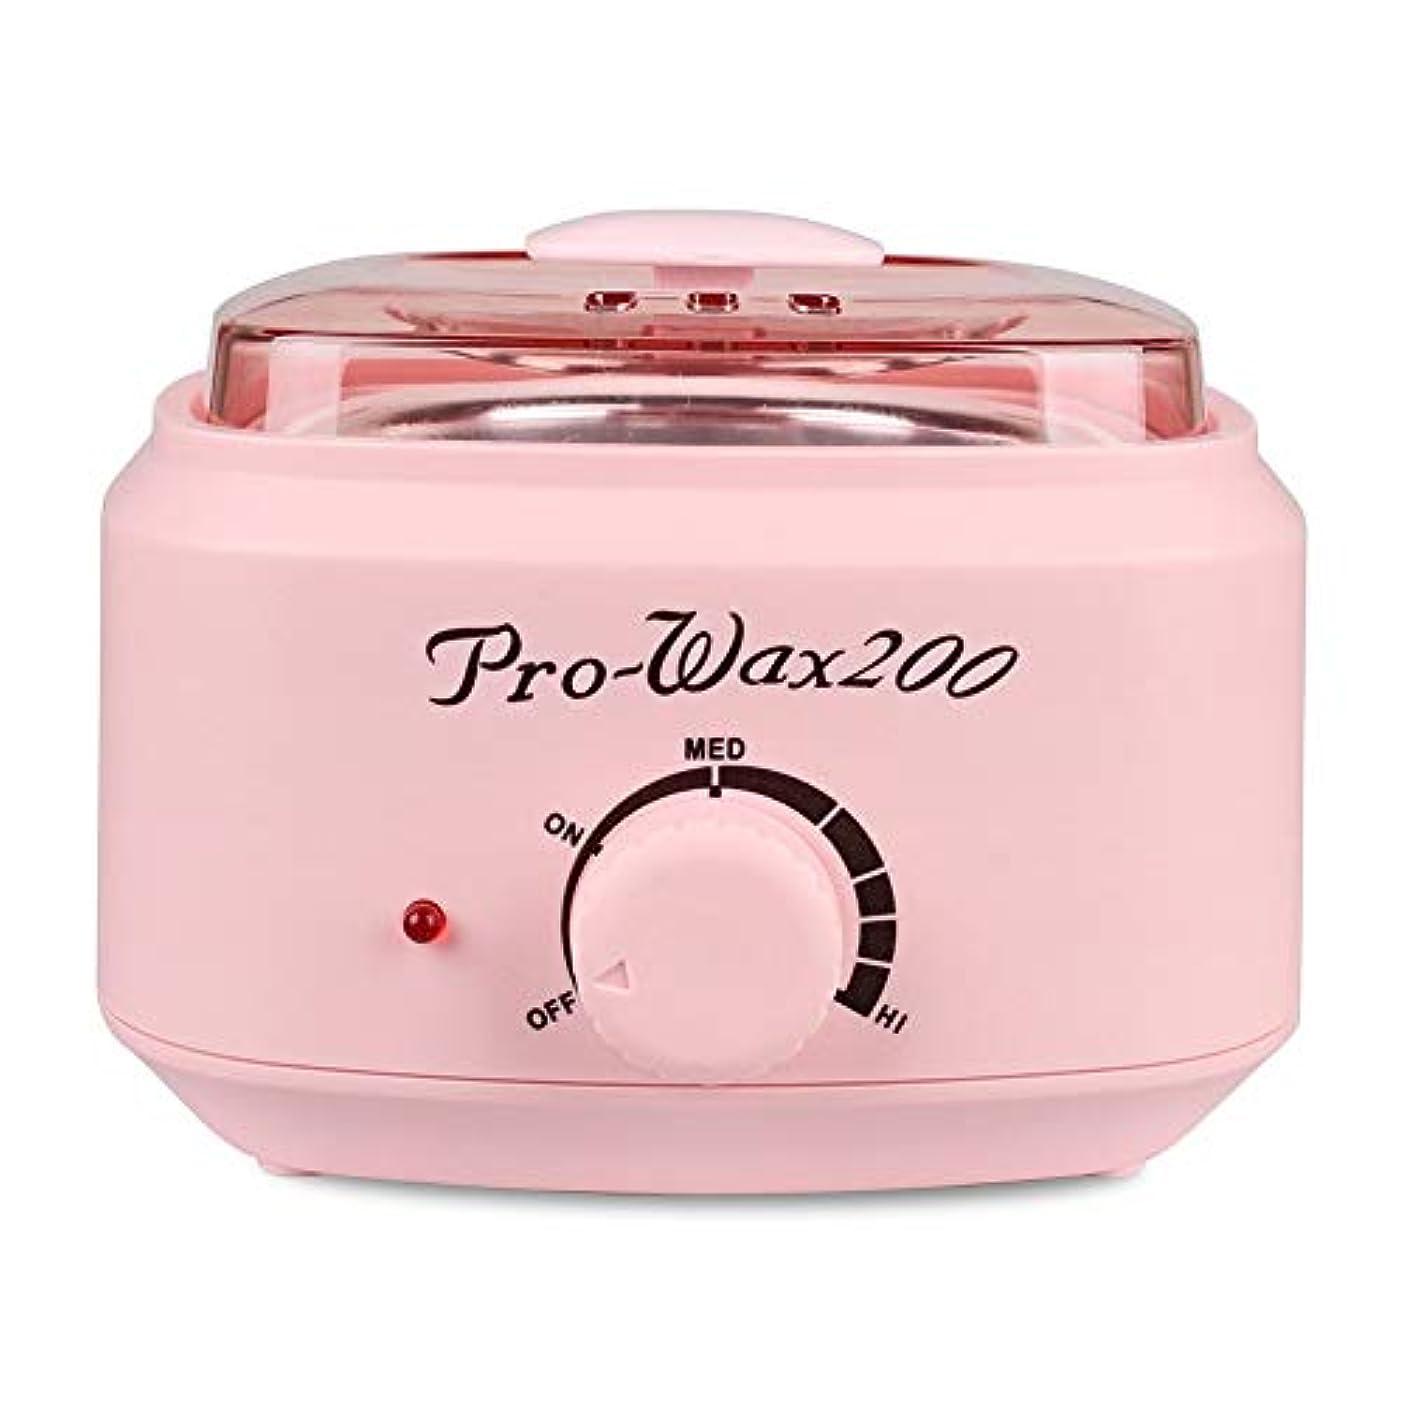 コミットメント緩む処理するプロの電気ワックスウォーマーとヒーター、速くて痛みのない脱毛、楽器多機能溶融ワックスマシンホームワックス女性/男性用500CC (Color : Pink)